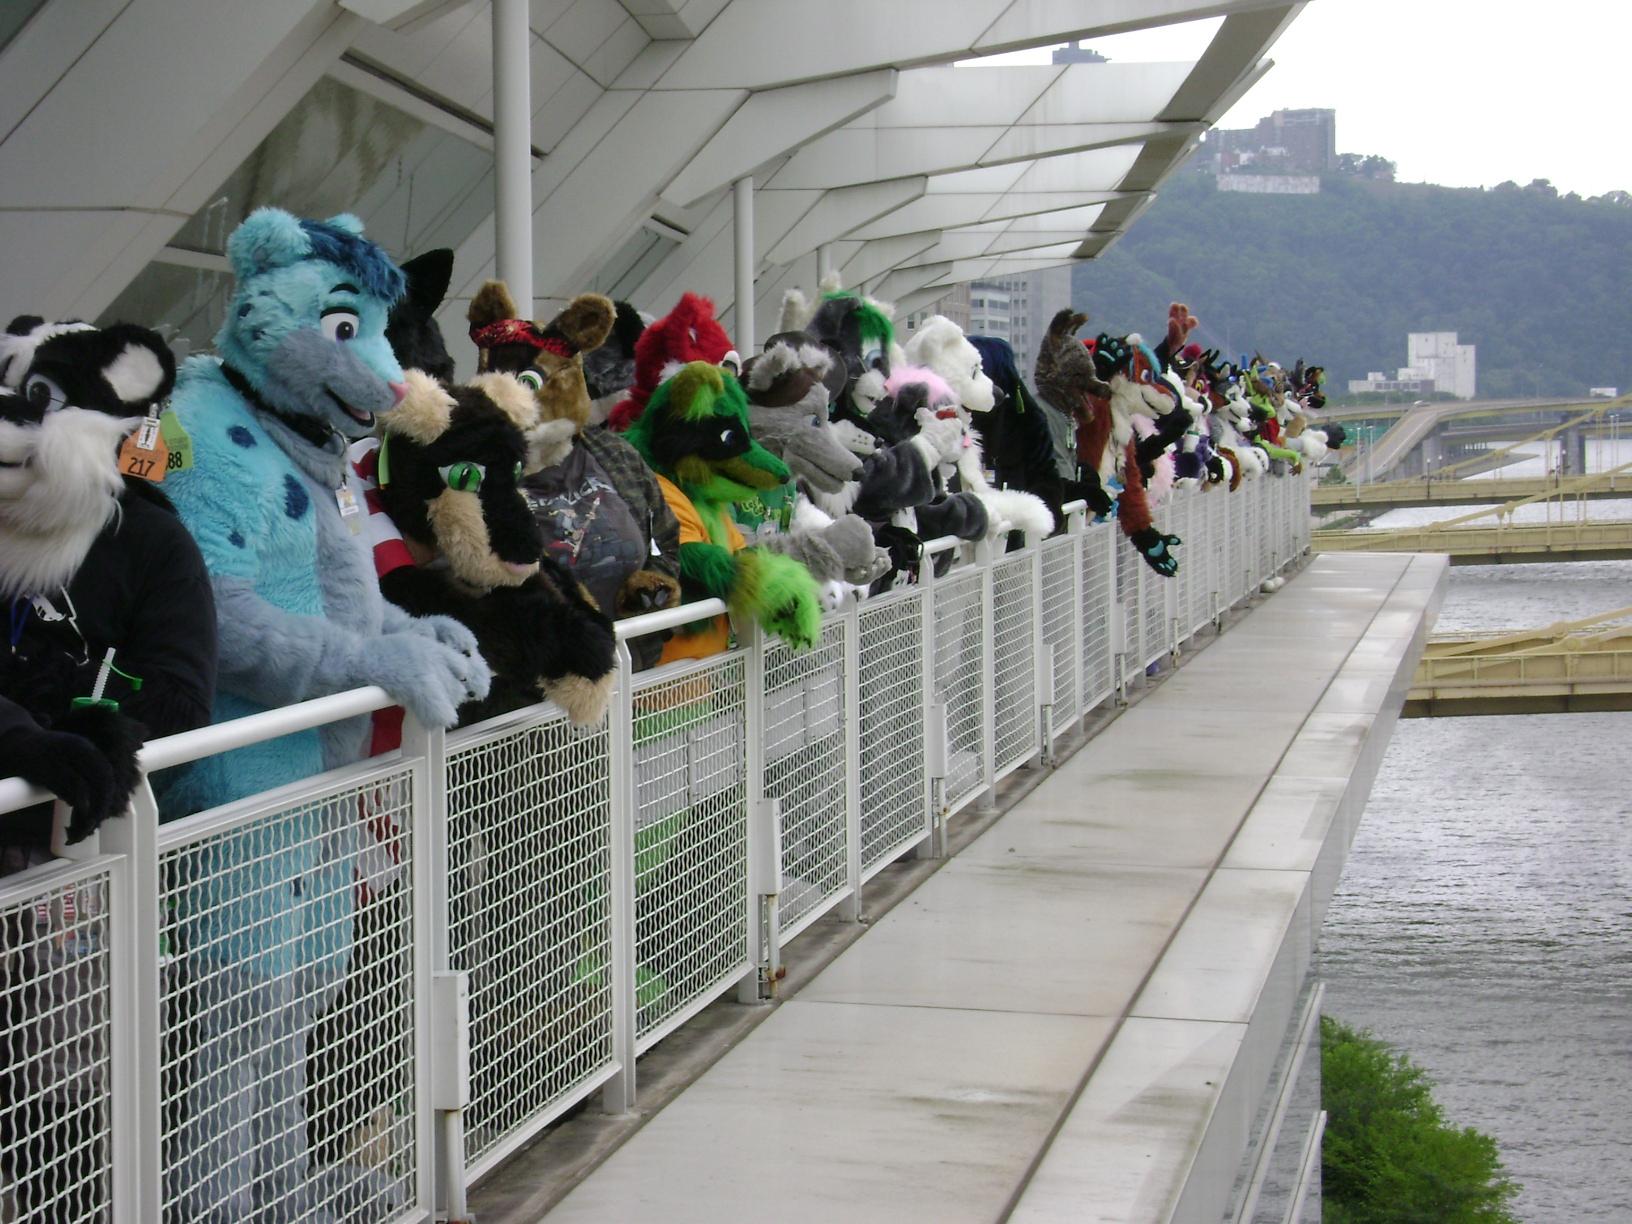 Anthrocon 2012 Fursuit Photo File:fursuit Parade Group